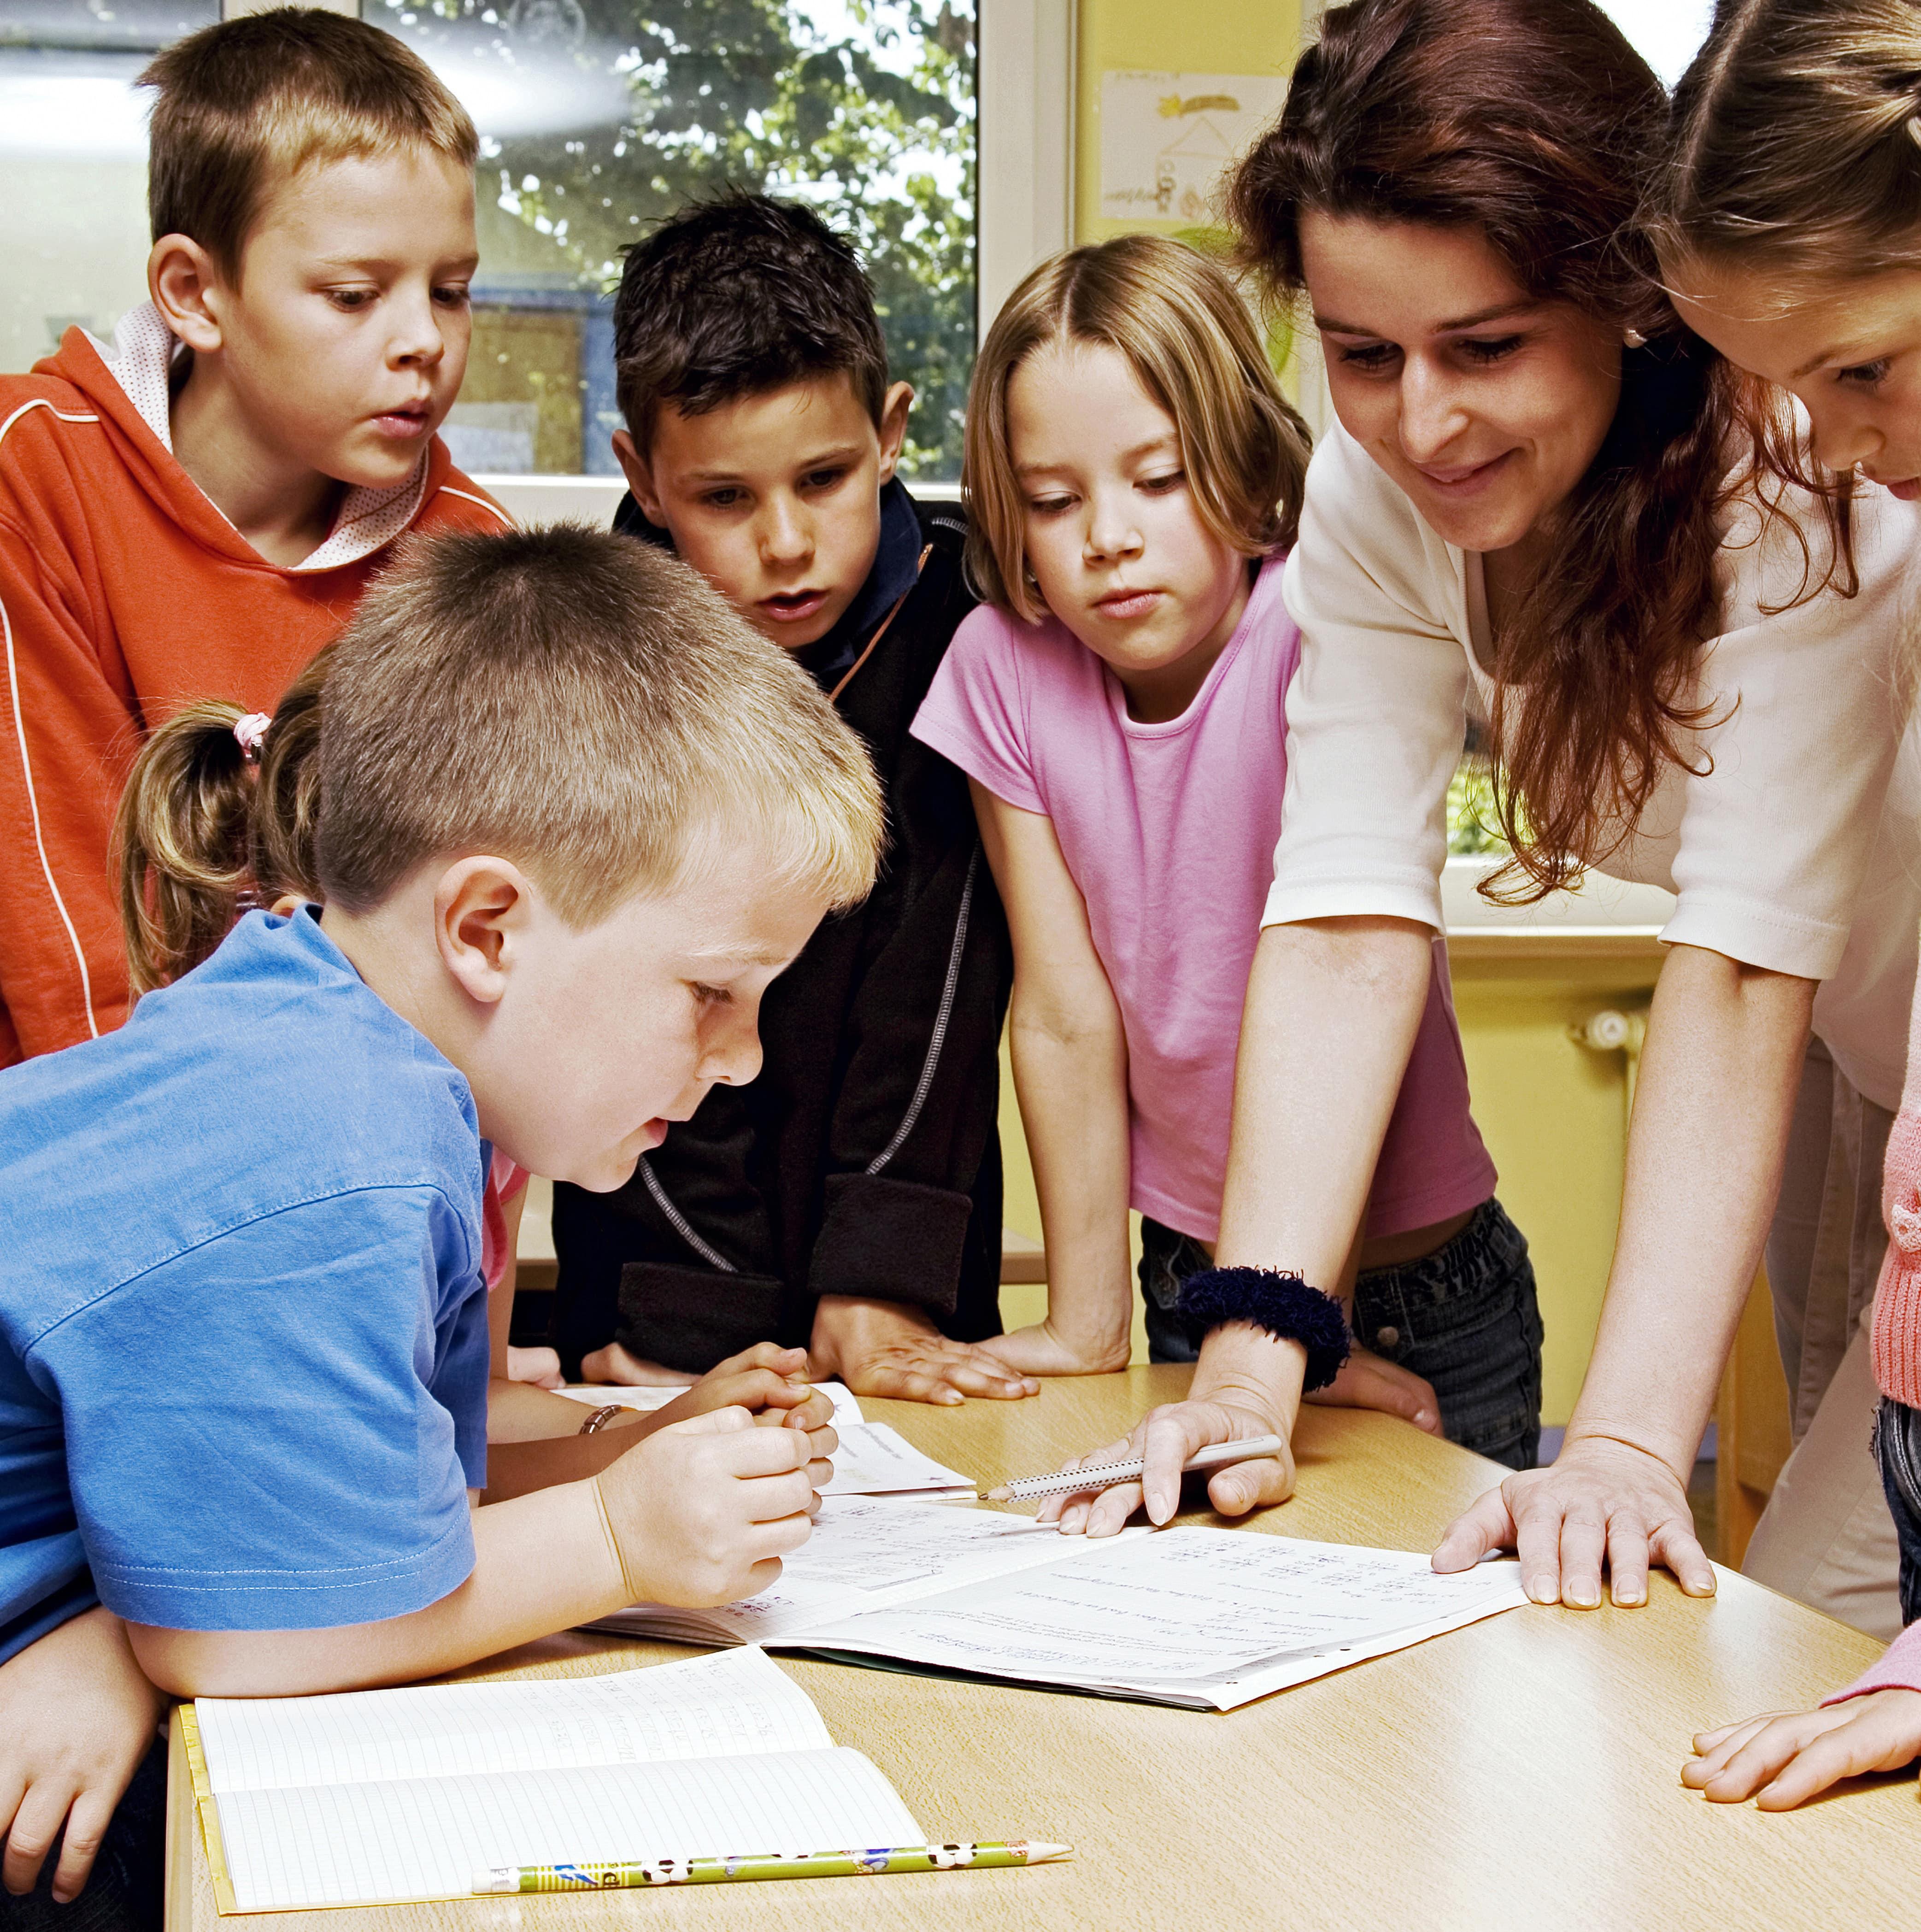 ממונעים לילדים – מה זה אומר?